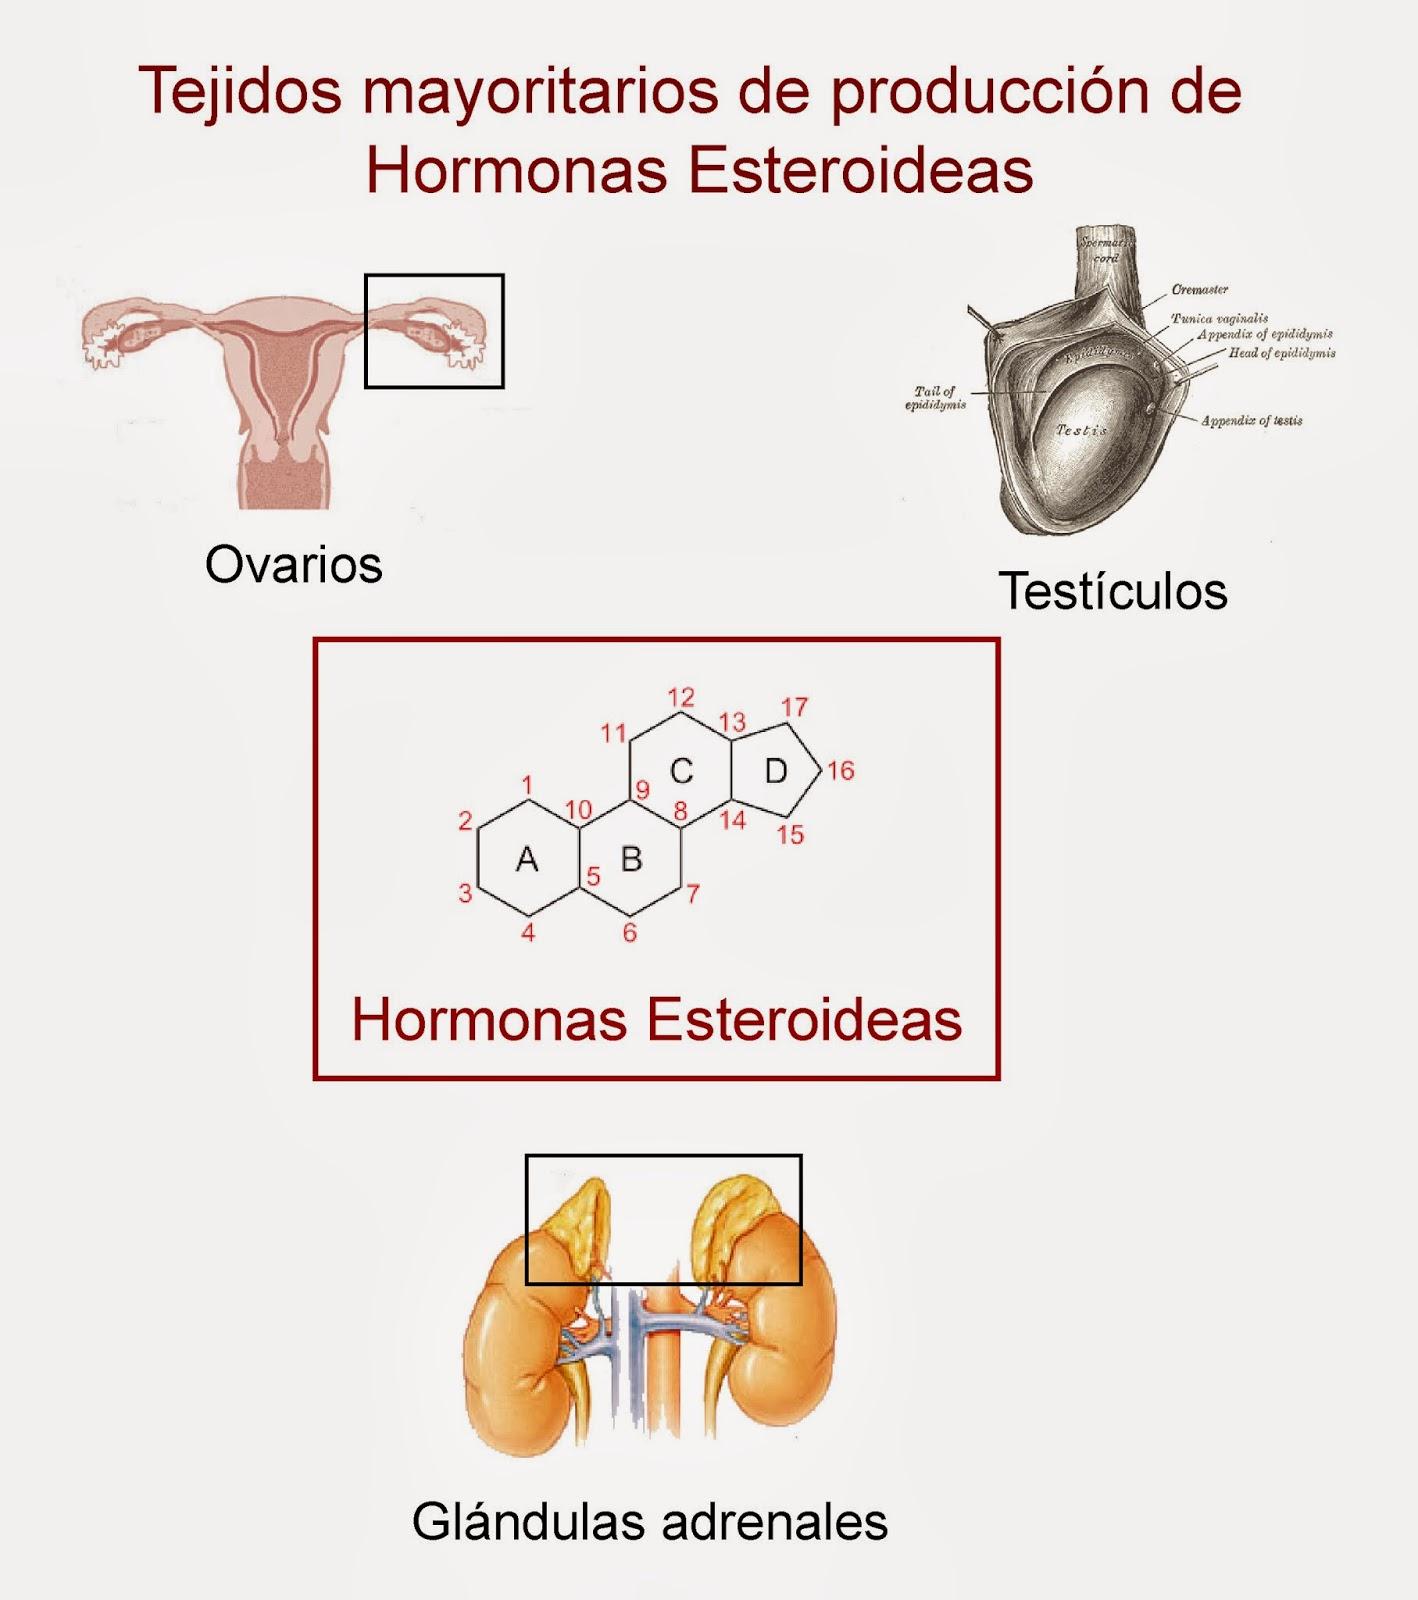 los ovarios y testiculos producen hormonas esteroides